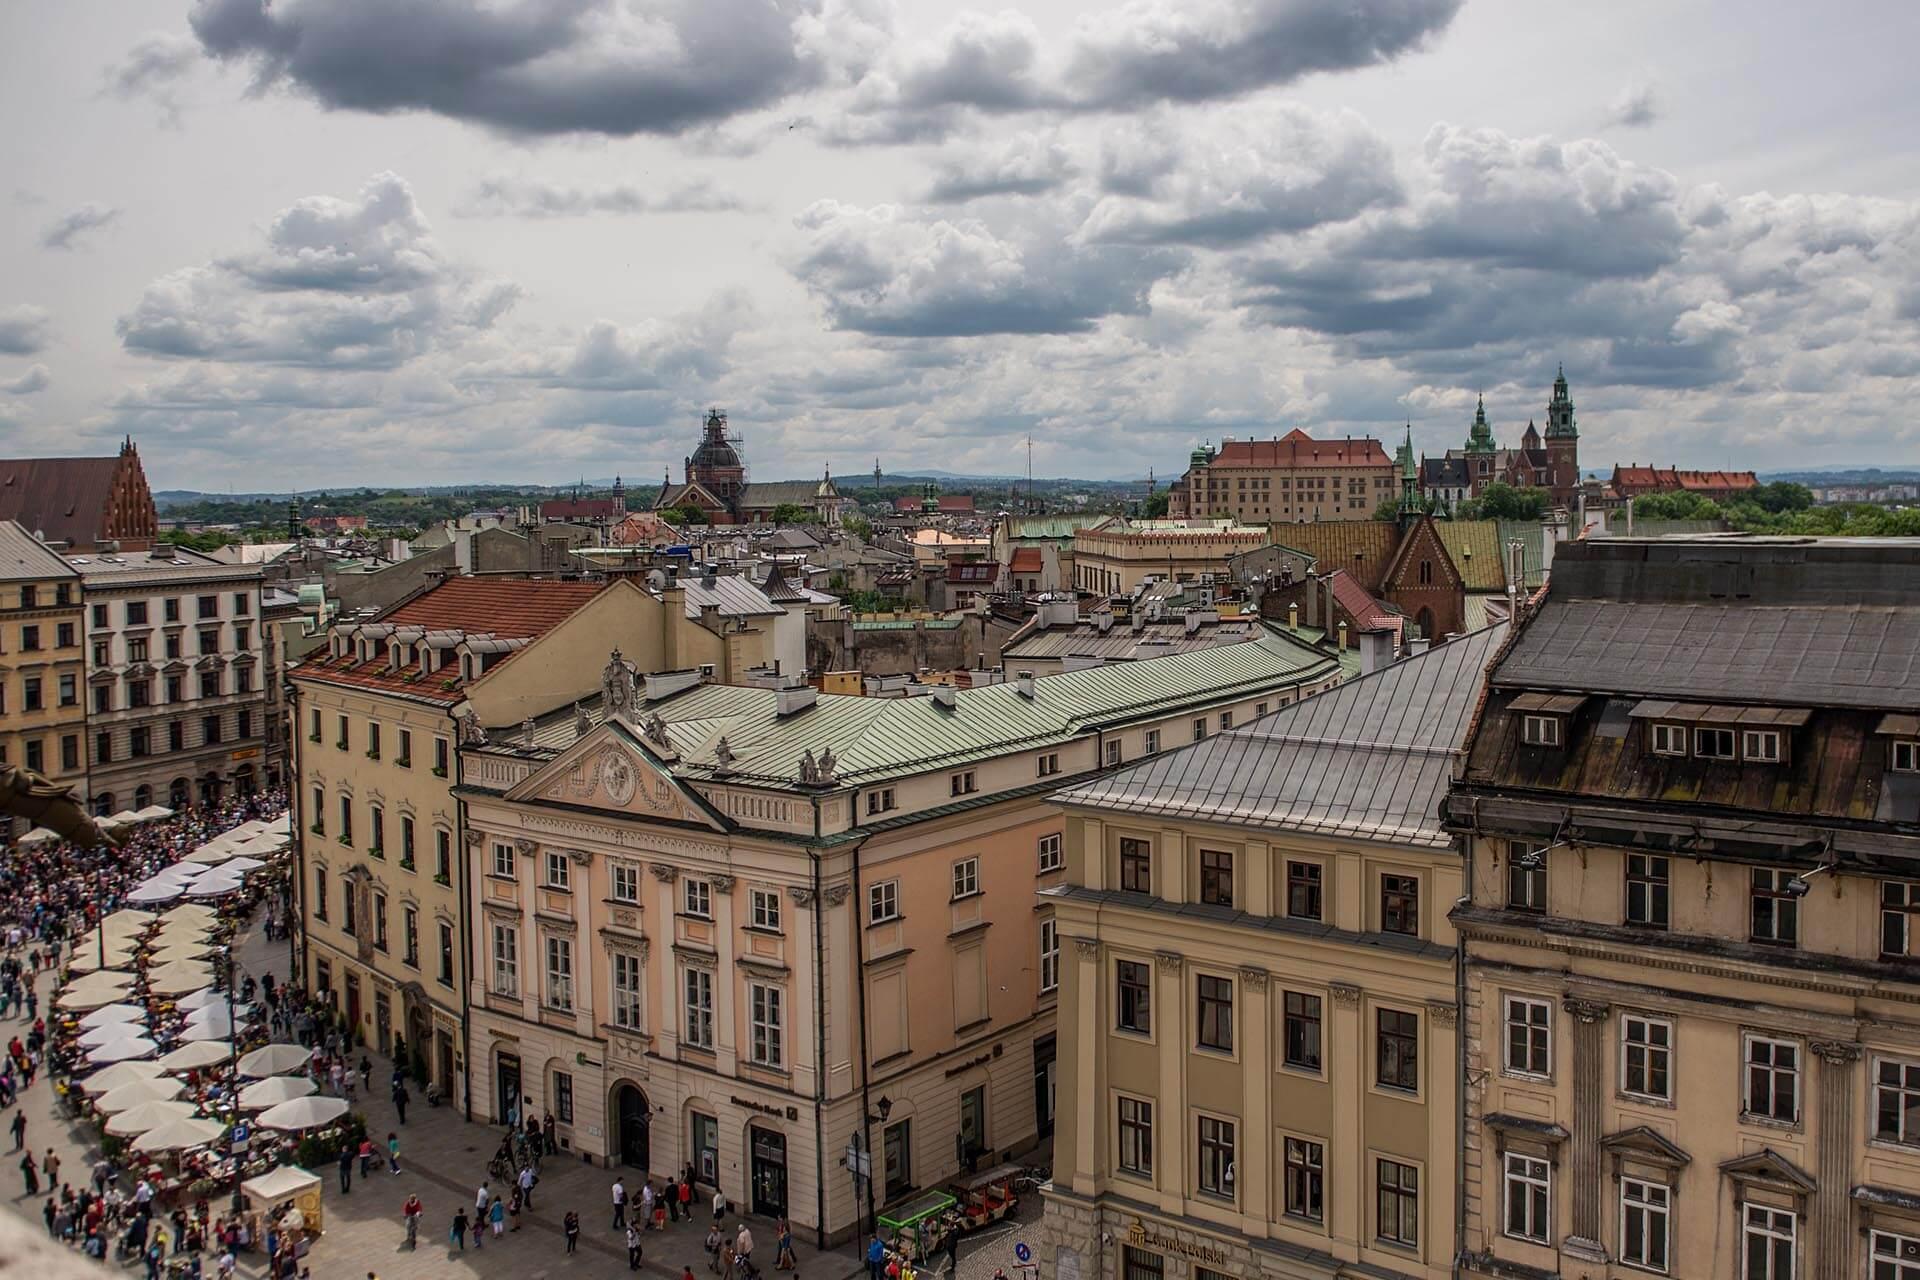 krakow widok na rynek główny